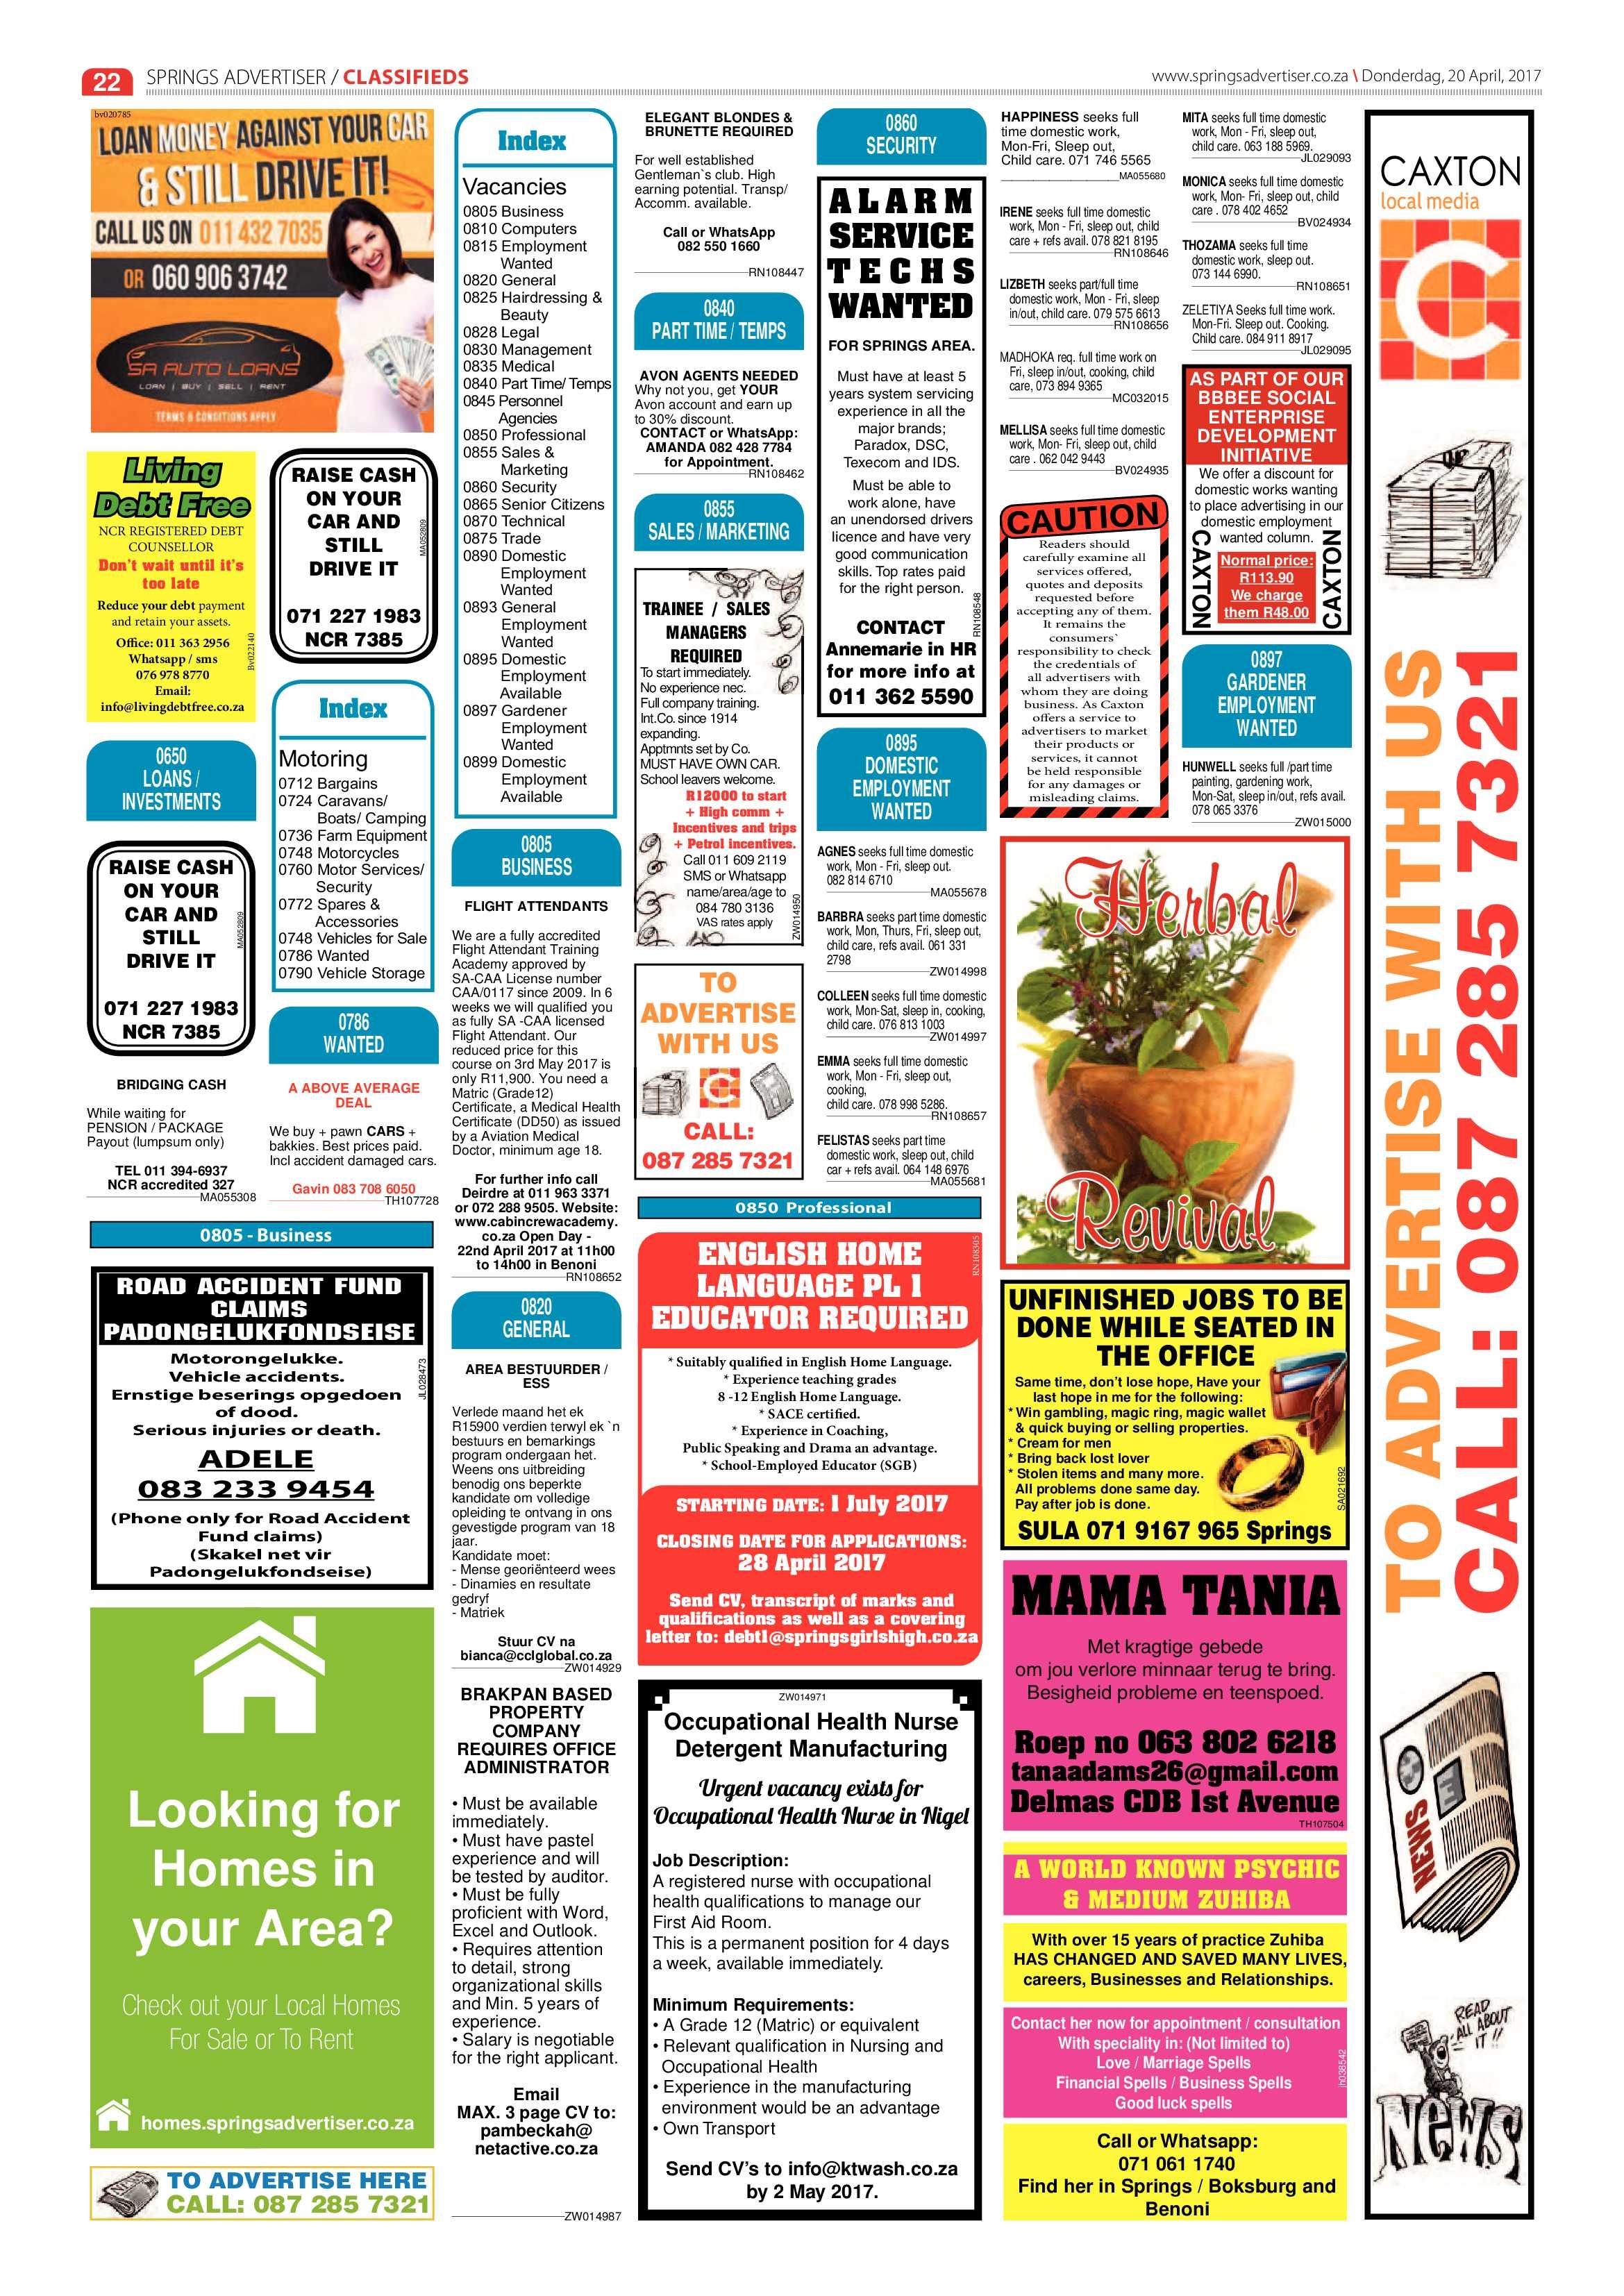 springs-advertiser-2-april-2017-epapers-page-22